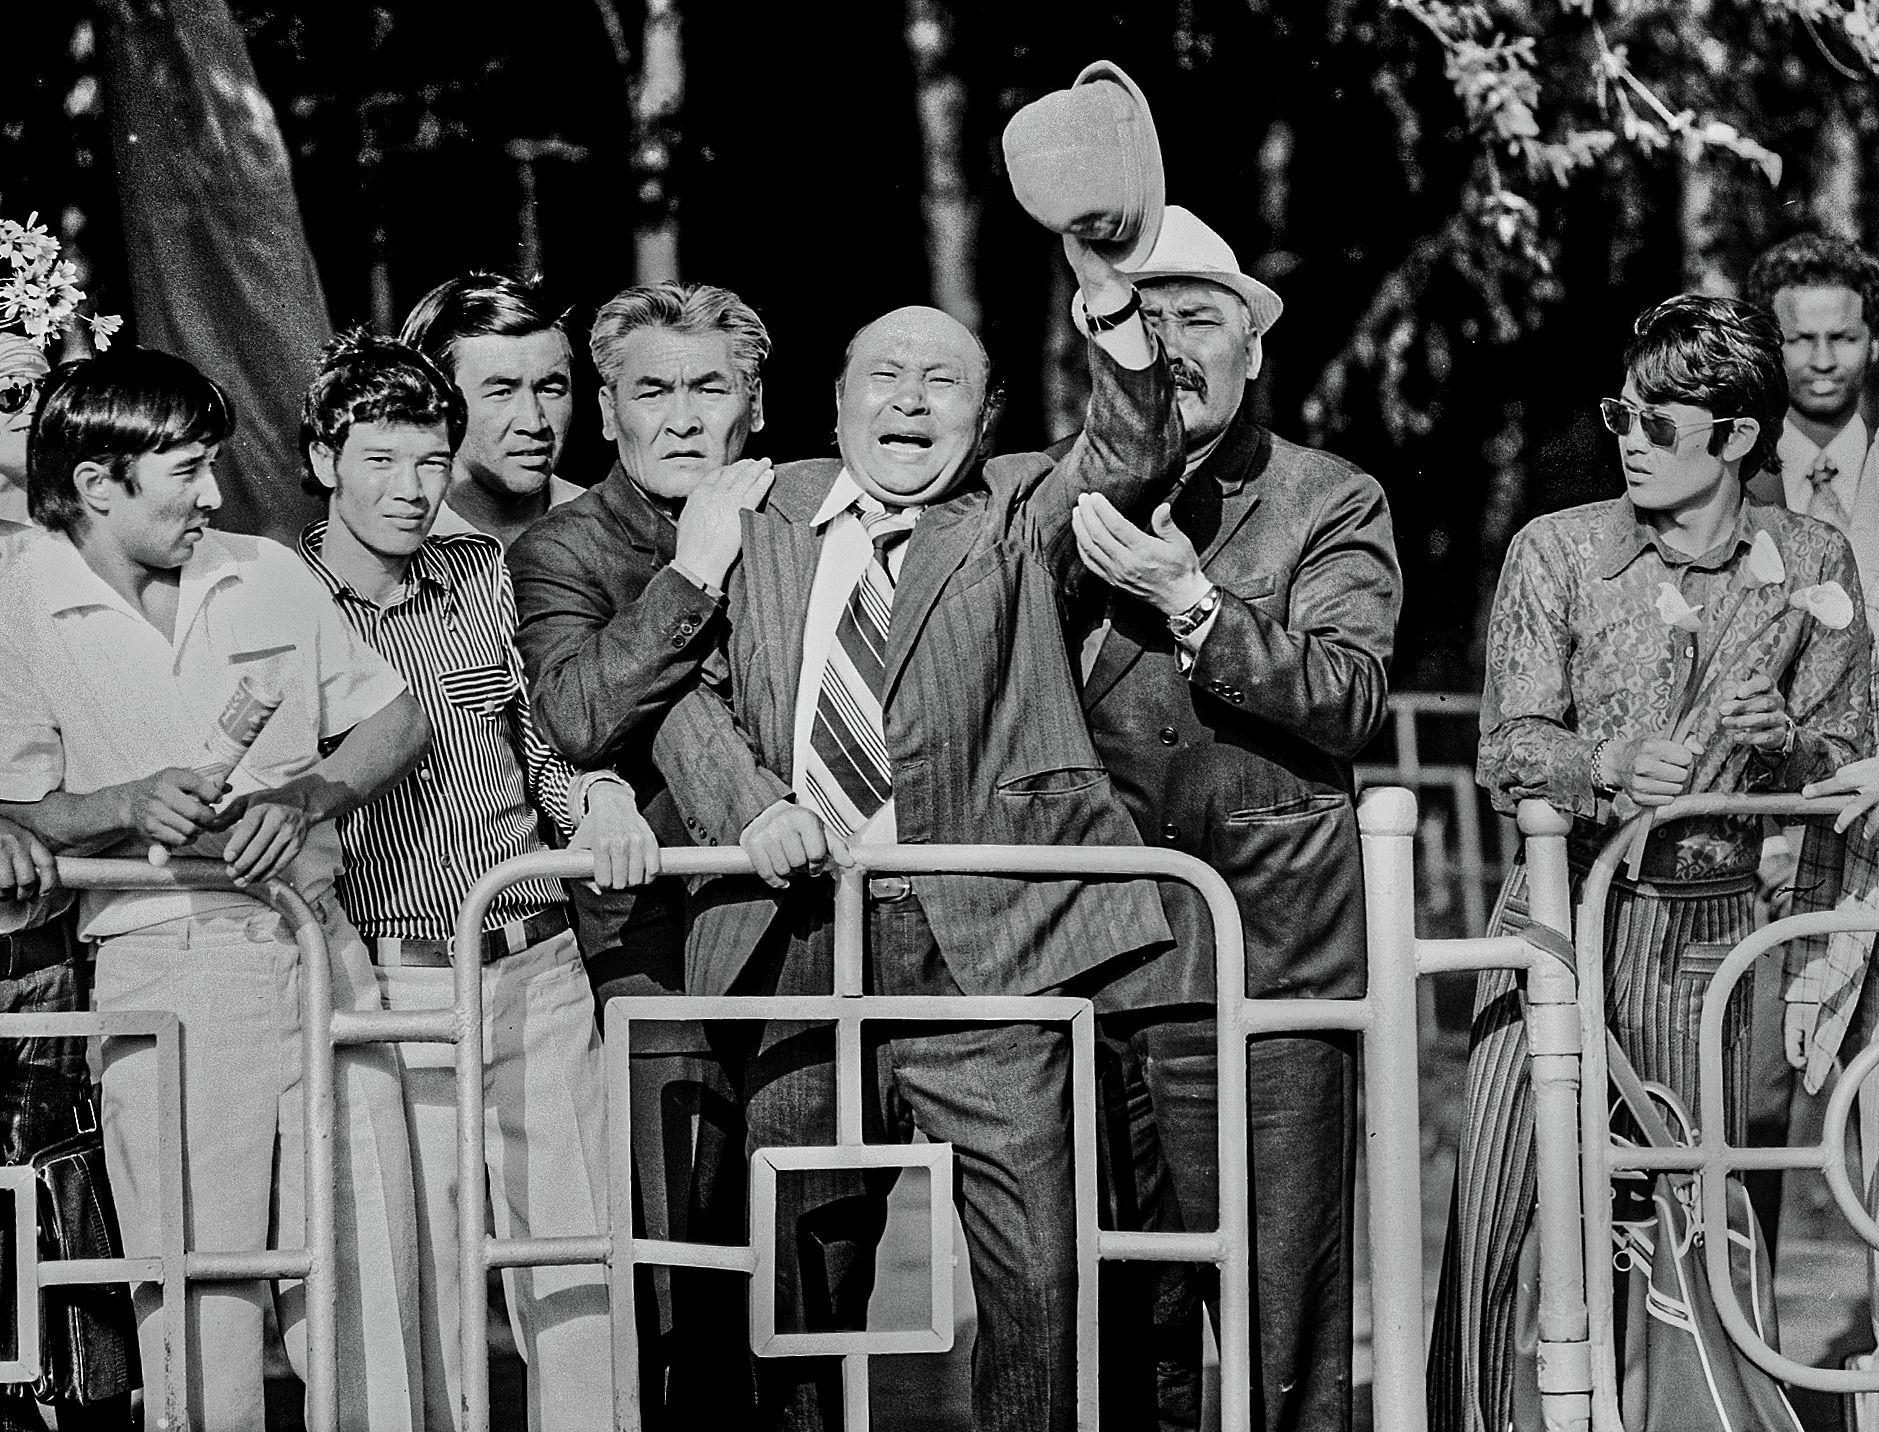 Белгилүү актер Медель Маниязов, Советбек Жумадылов жана Орозбек Кутманалиевдин сүрөтү 1976-жылы Фрунзе (азыркы Бишкек) шаарында тартылып алынган